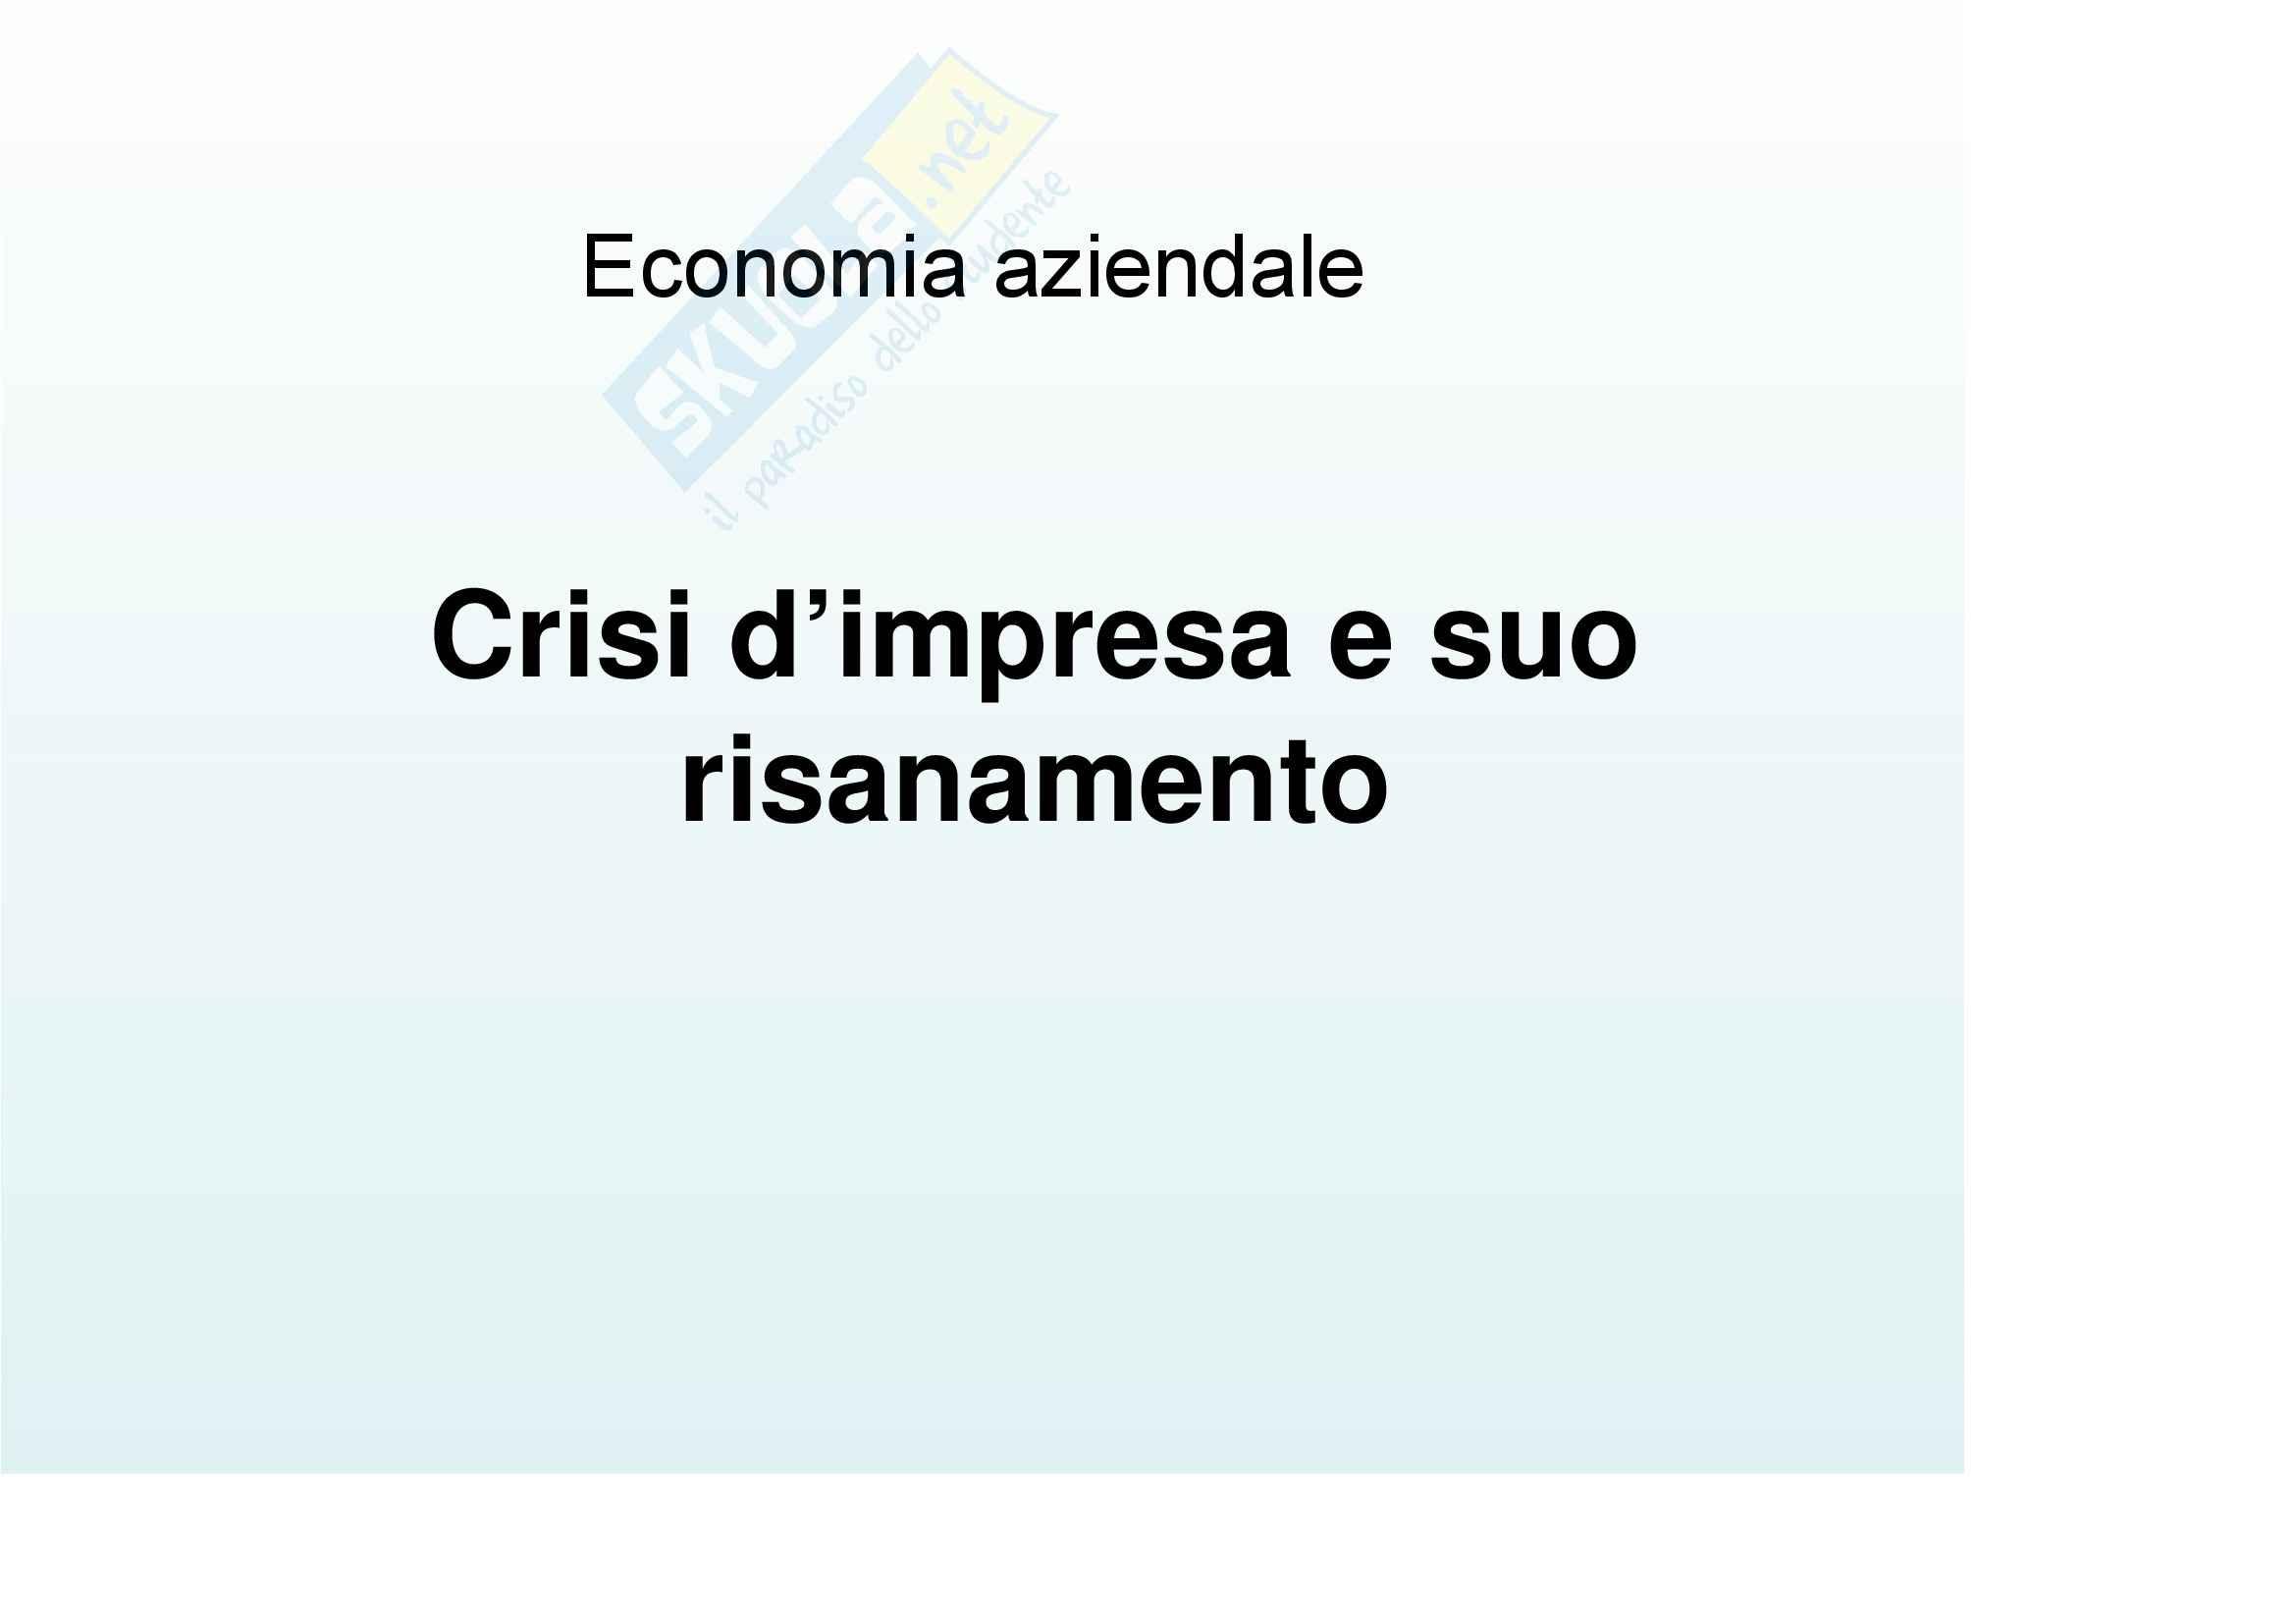 Economia aziendale - Crisi d'impresa e suo risanamento